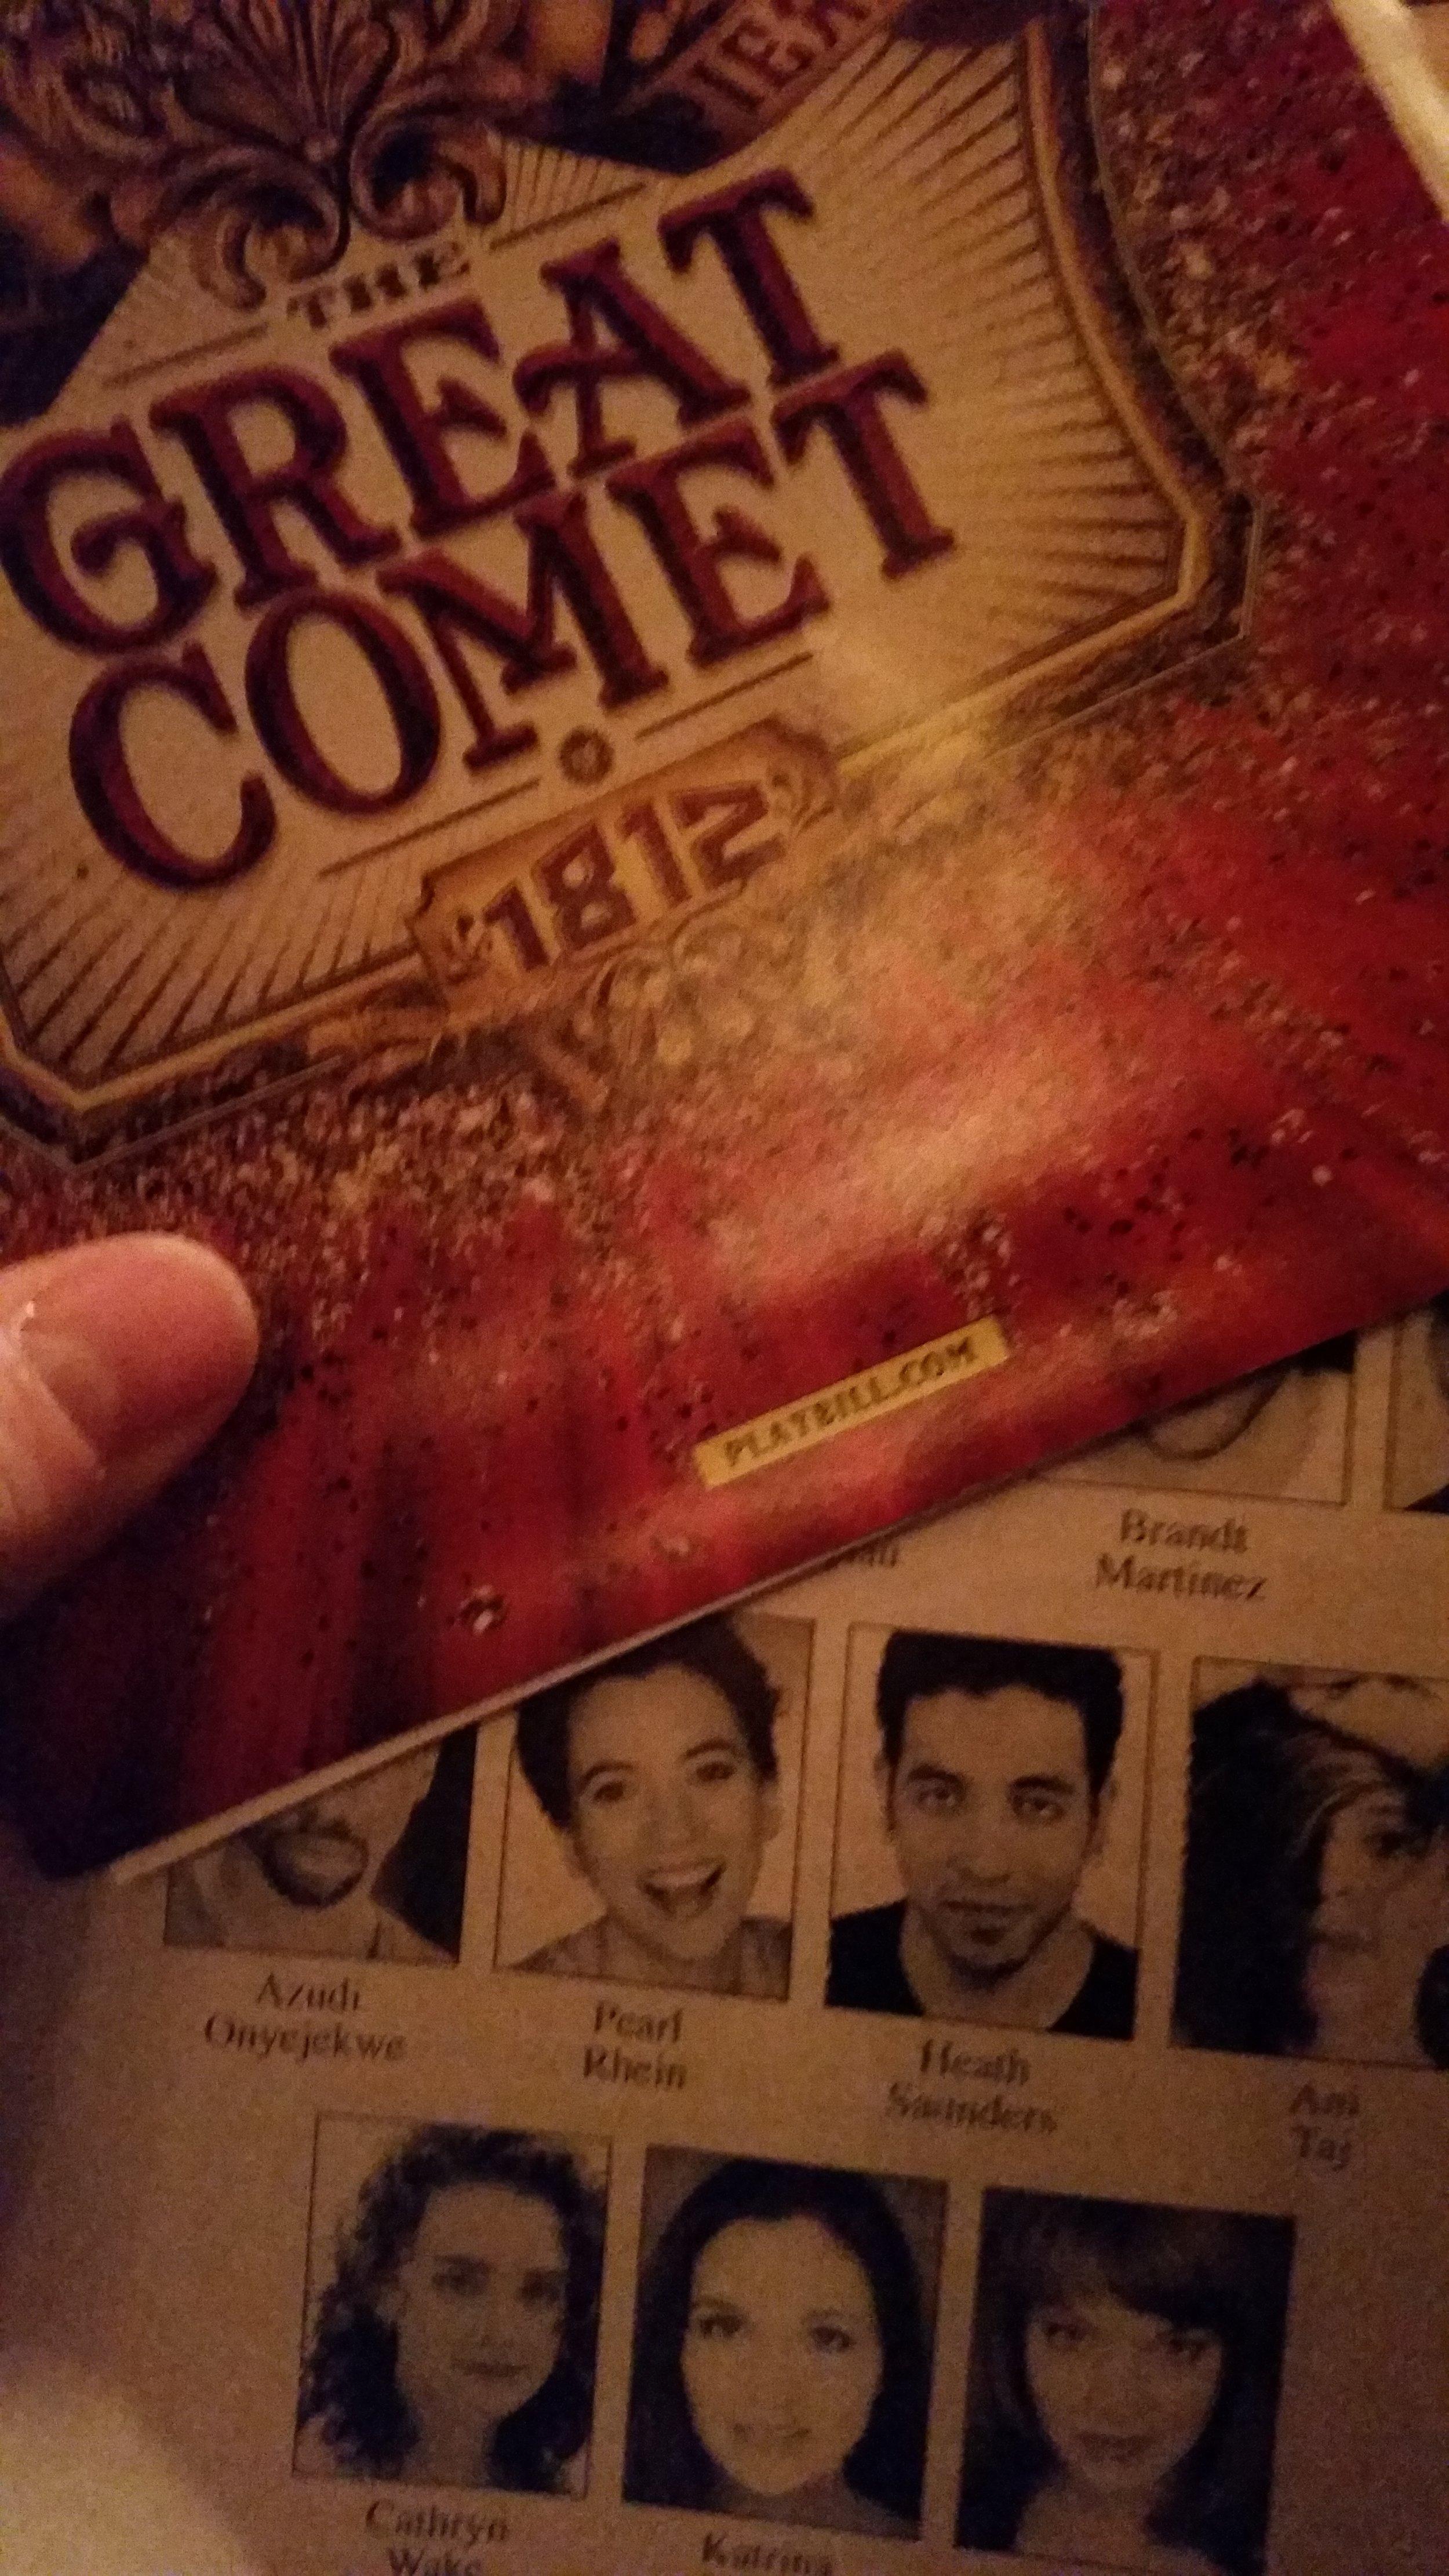 2016 Comet Opening - Playbill.jpg